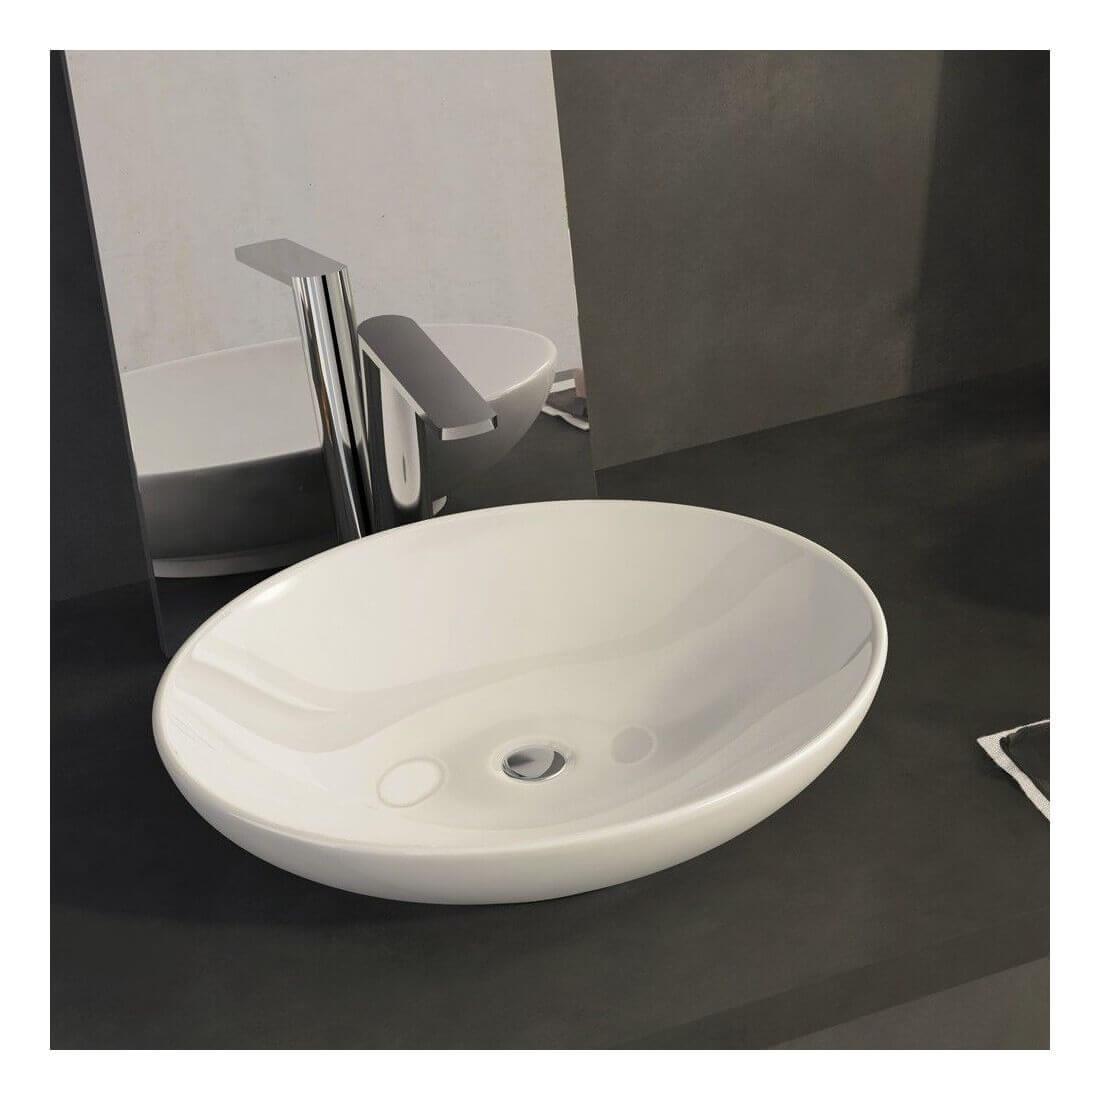 Comprar lavabo sobre encimera ovalo al mejor precio online - Lavamanos sobre encimera ...